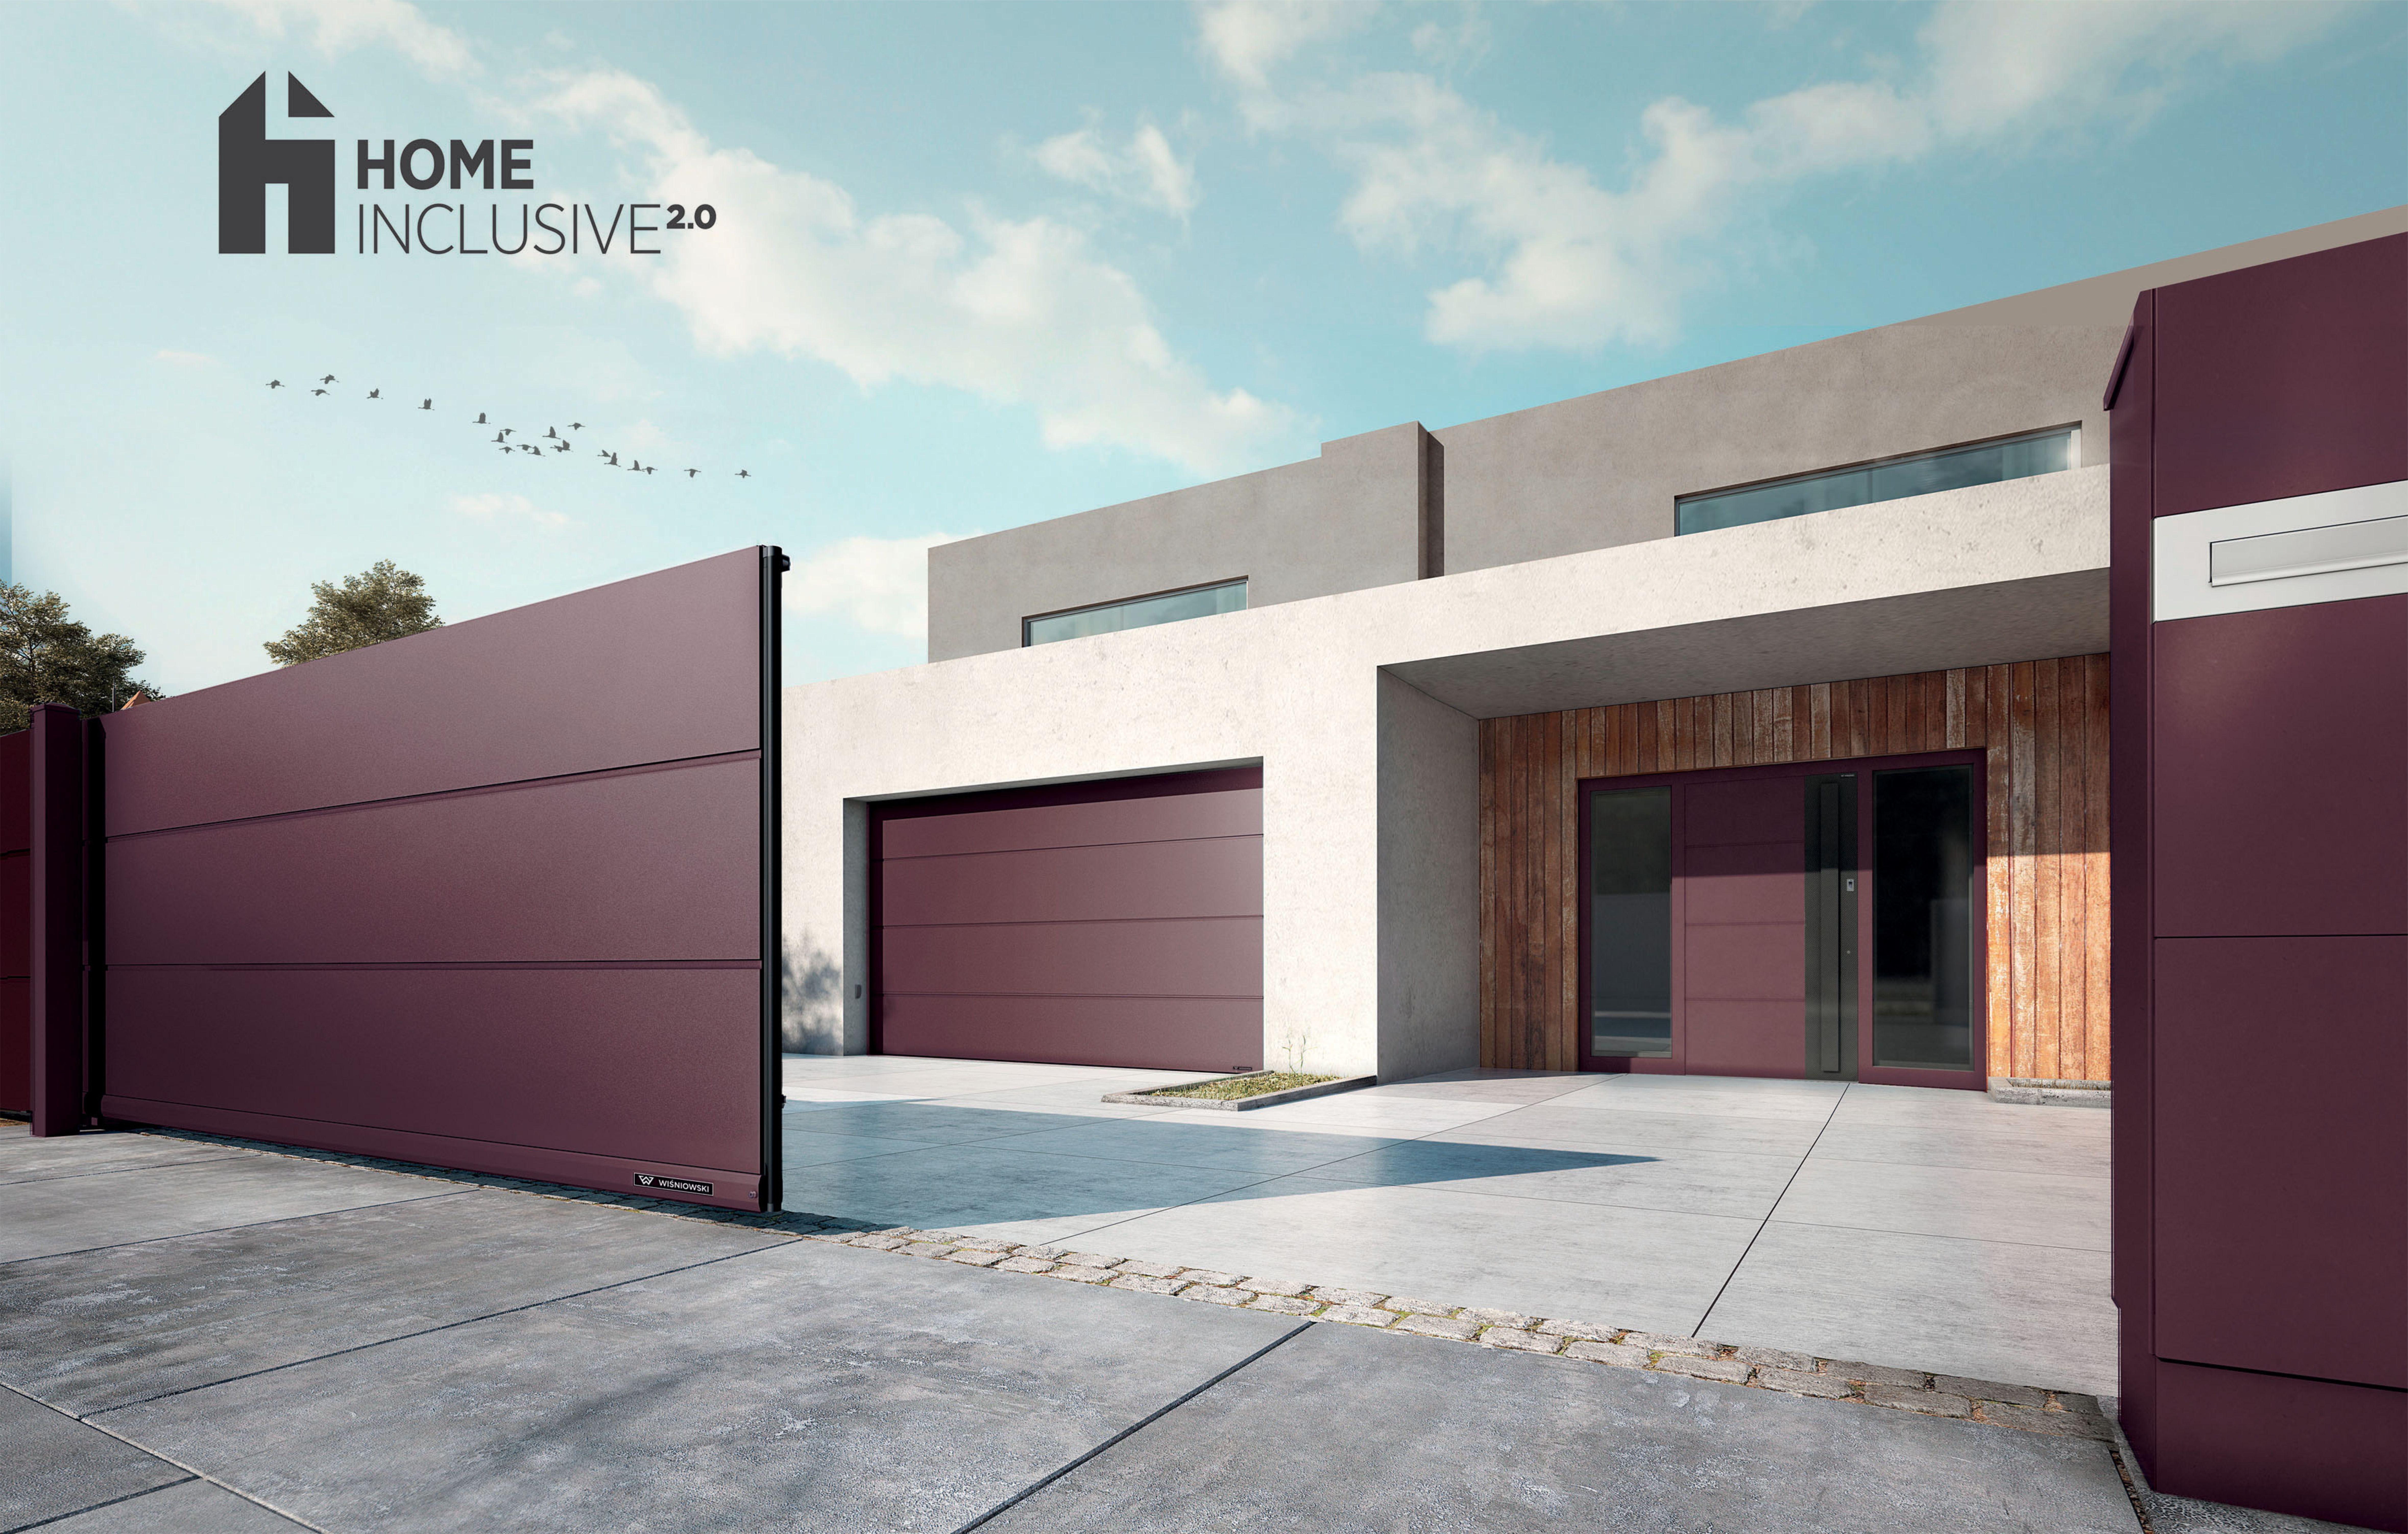 kolekcja-home-inclusive-20-bramy-okna-drzwi-ogrodzenia-w-jednym-designie